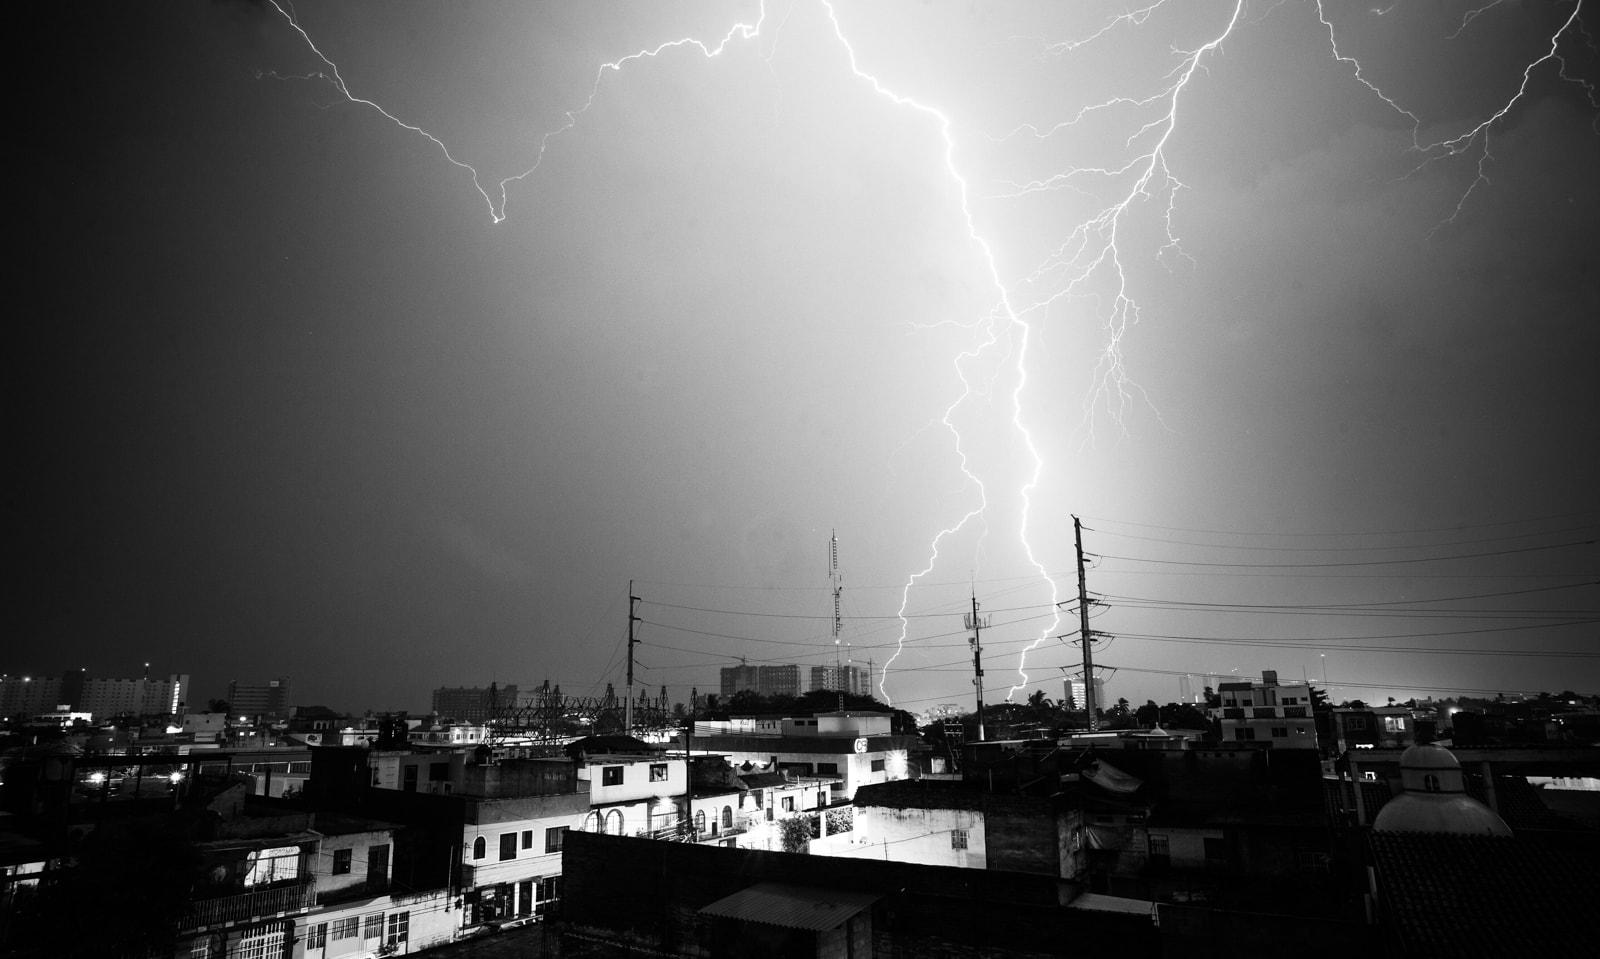 fotografía en blanco y negro de un rayo